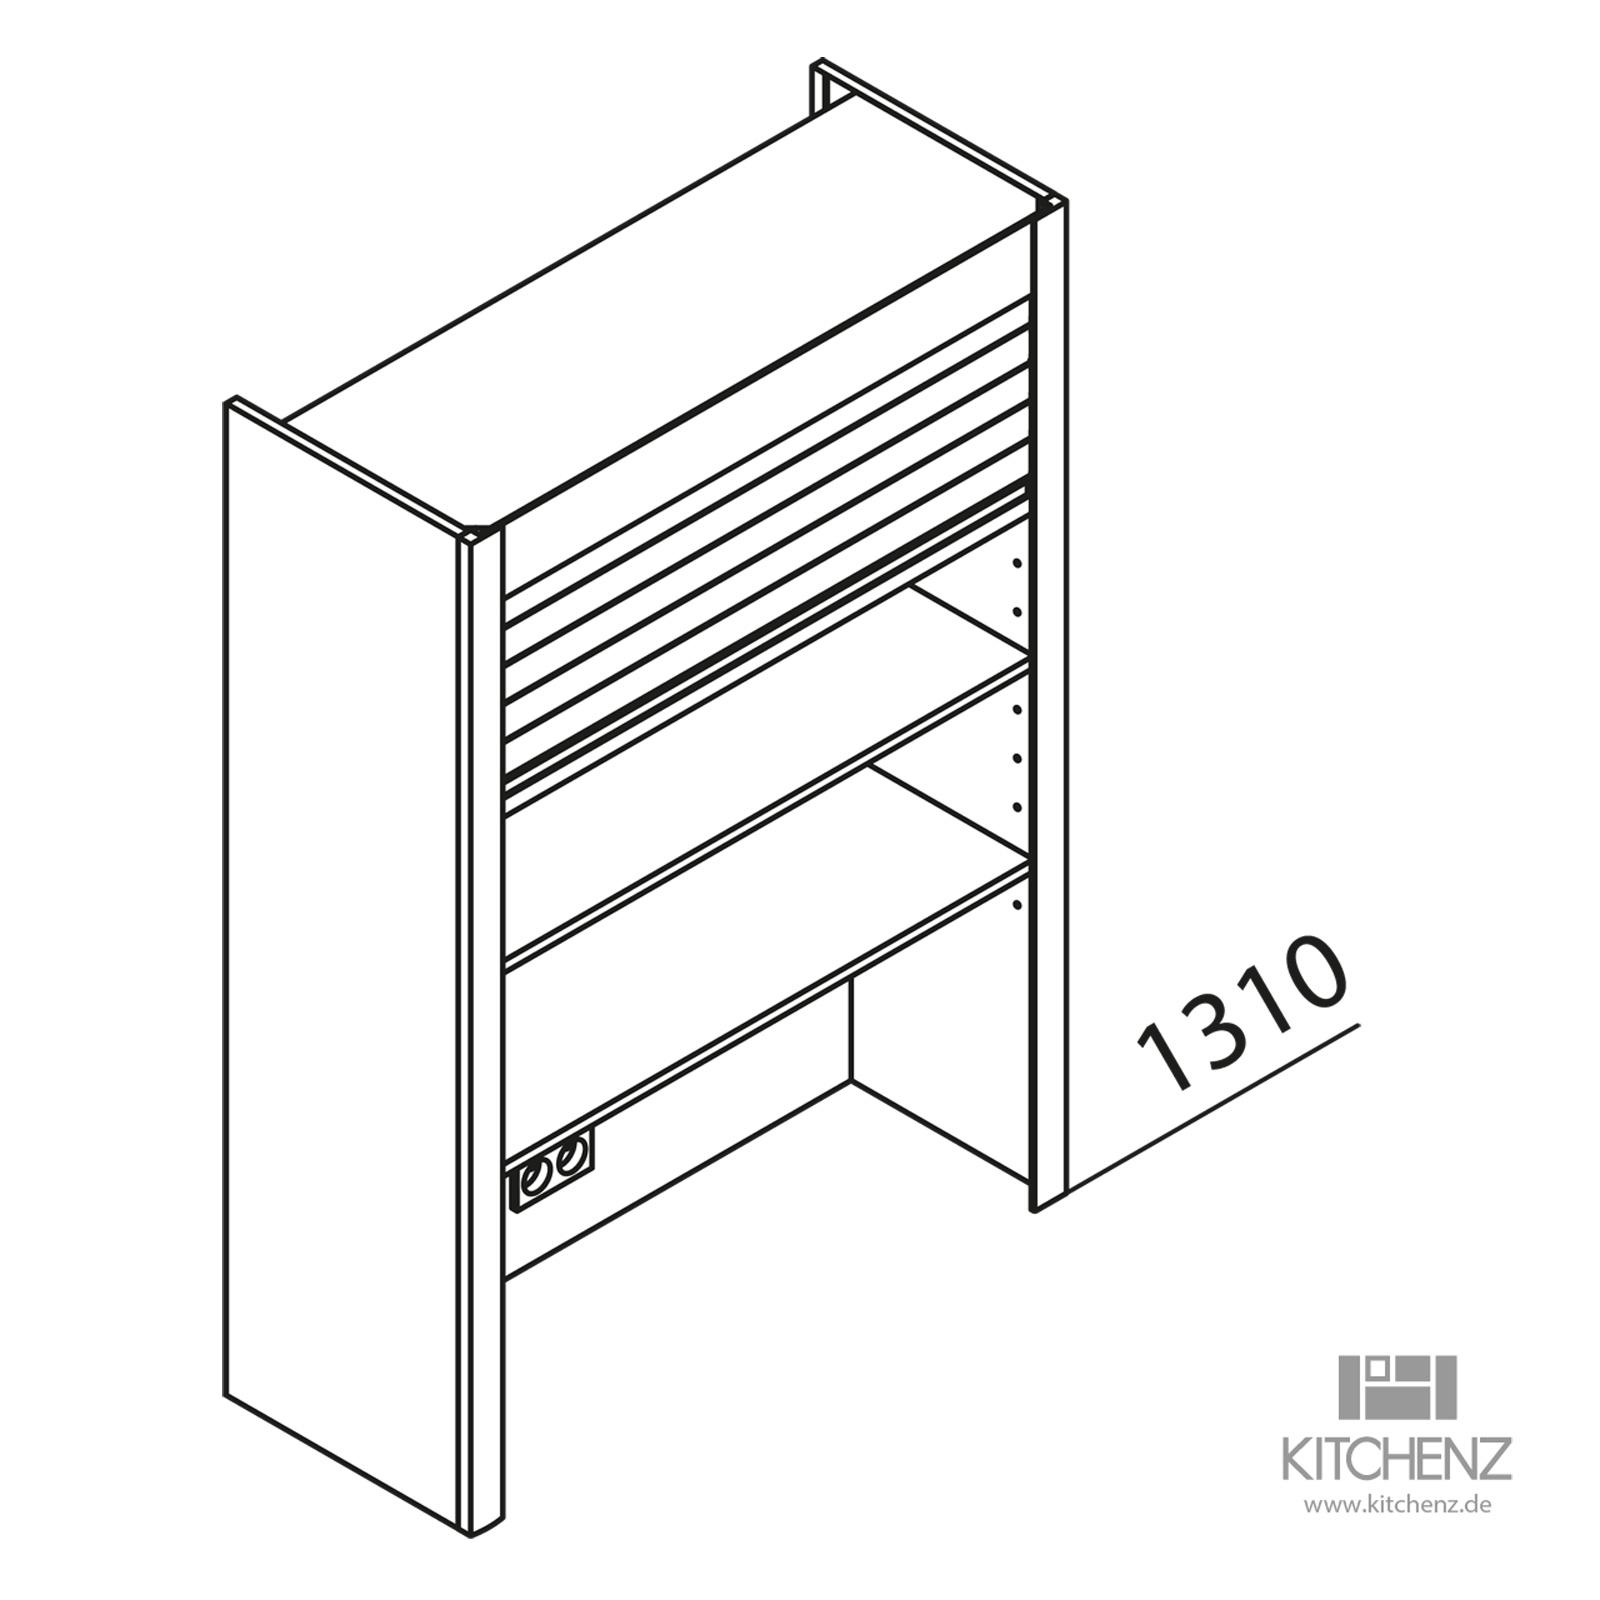 nolte k chen aufsatzschrank mit jalousie haj90 130 48. Black Bedroom Furniture Sets. Home Design Ideas